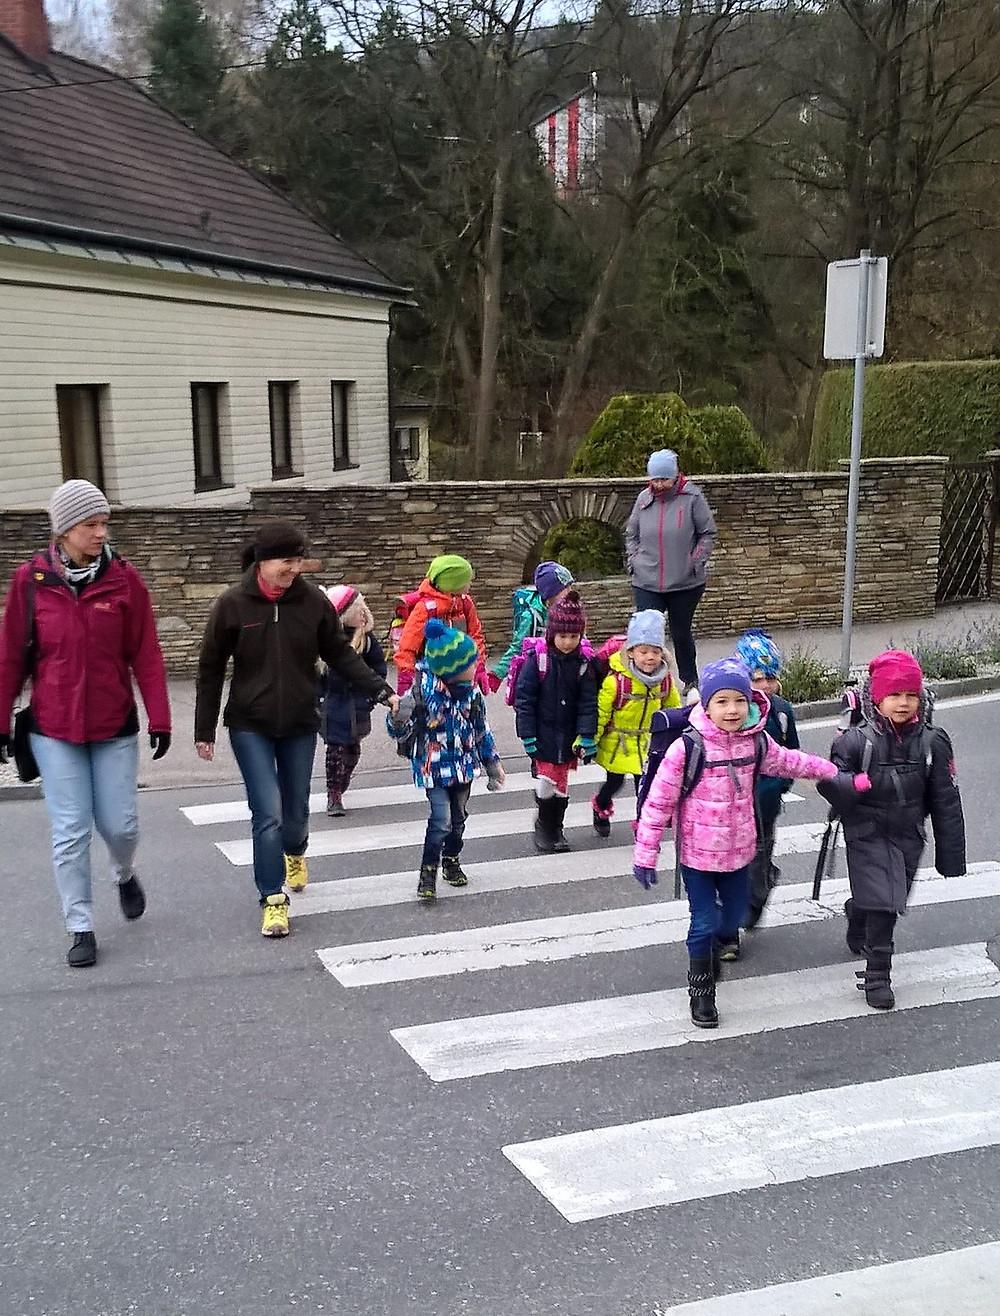 Erstklässler mit Eltern auf dem Weg in die Schule